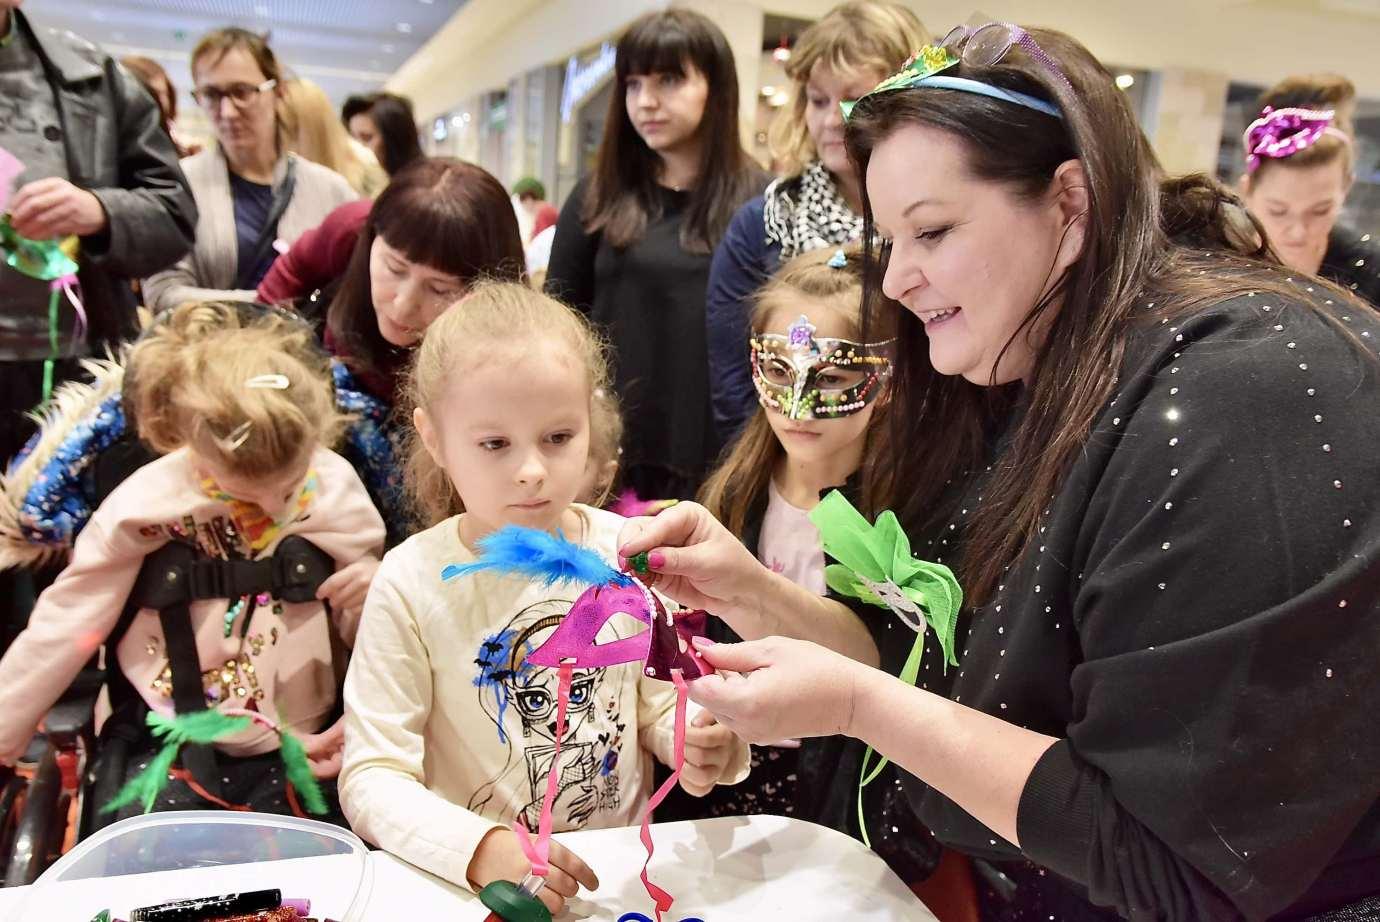 dsc 3964 Zabawa kreatywnych dzieciaków w Galerii Handlowej Twierdza (filmy i zdjęcia)